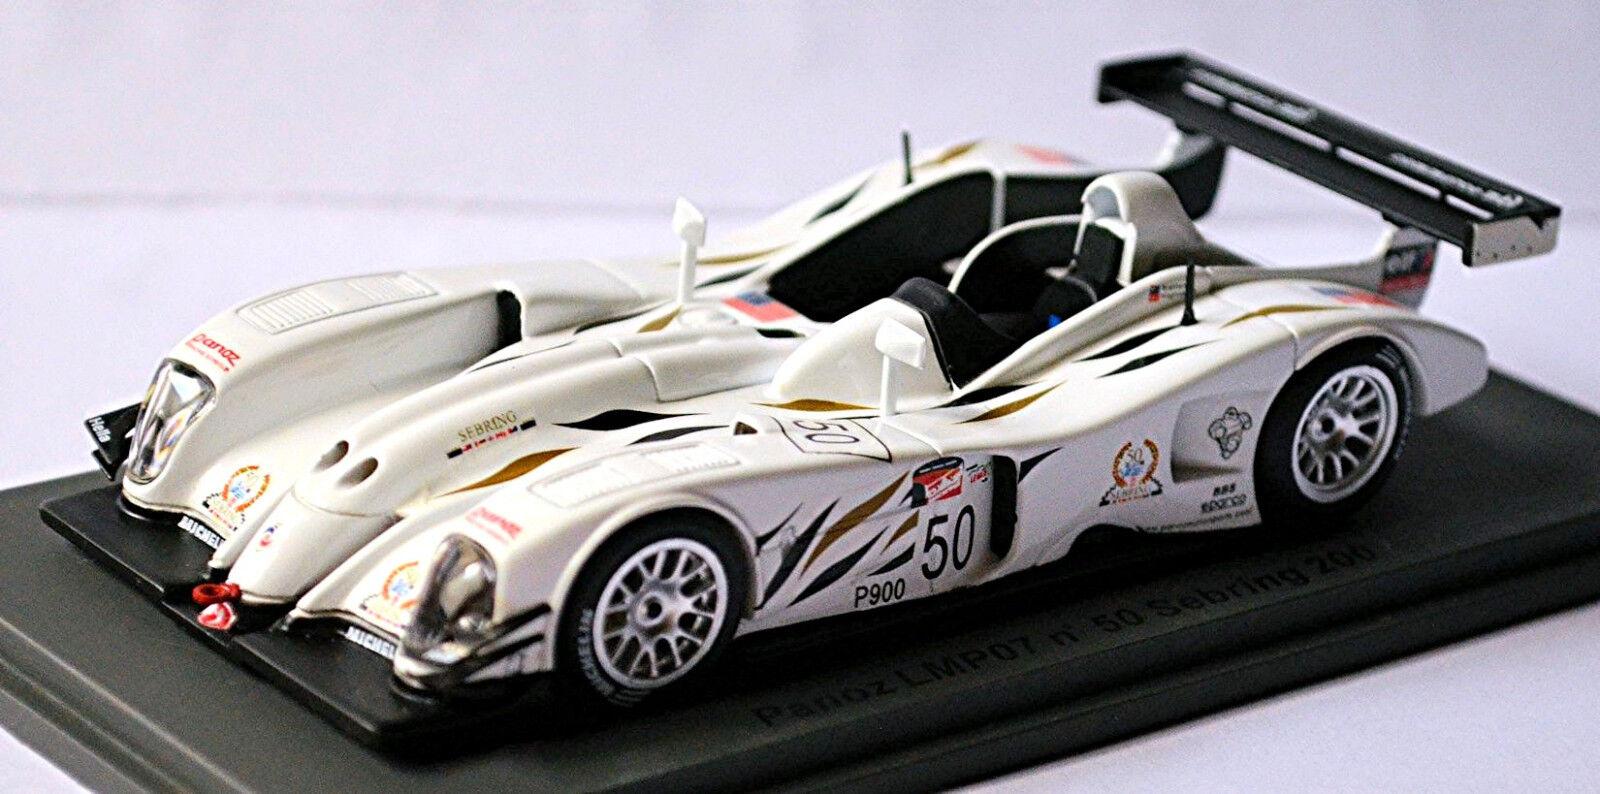 alto descuento Panoz Panoz Panoz LMP07  50 Sebring 2002 D. Brabham - J.Magnussen 1 43 Spark  Venta en línea precio bajo descuento